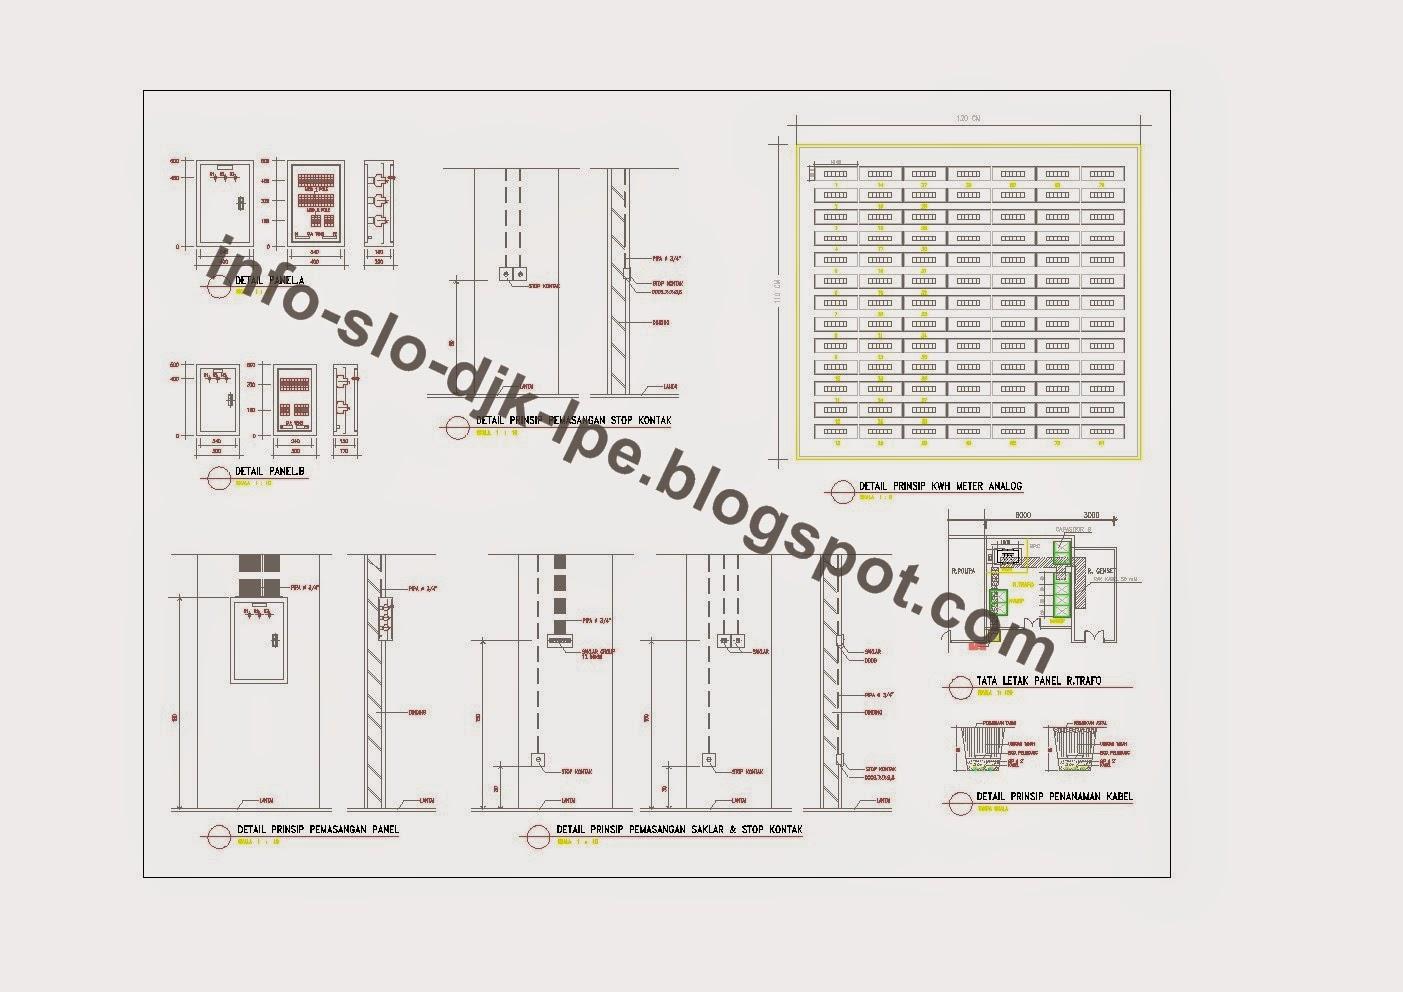 Wiring diagram panel lvmdp wiring vent damper wiring diagram marine slo sertifikasi laik operasi gambar single line diagram panel2bgedung2bberau gambar single line diagramhtml wiring diagram panel lvmdp wiring swarovskicordoba Choice Image